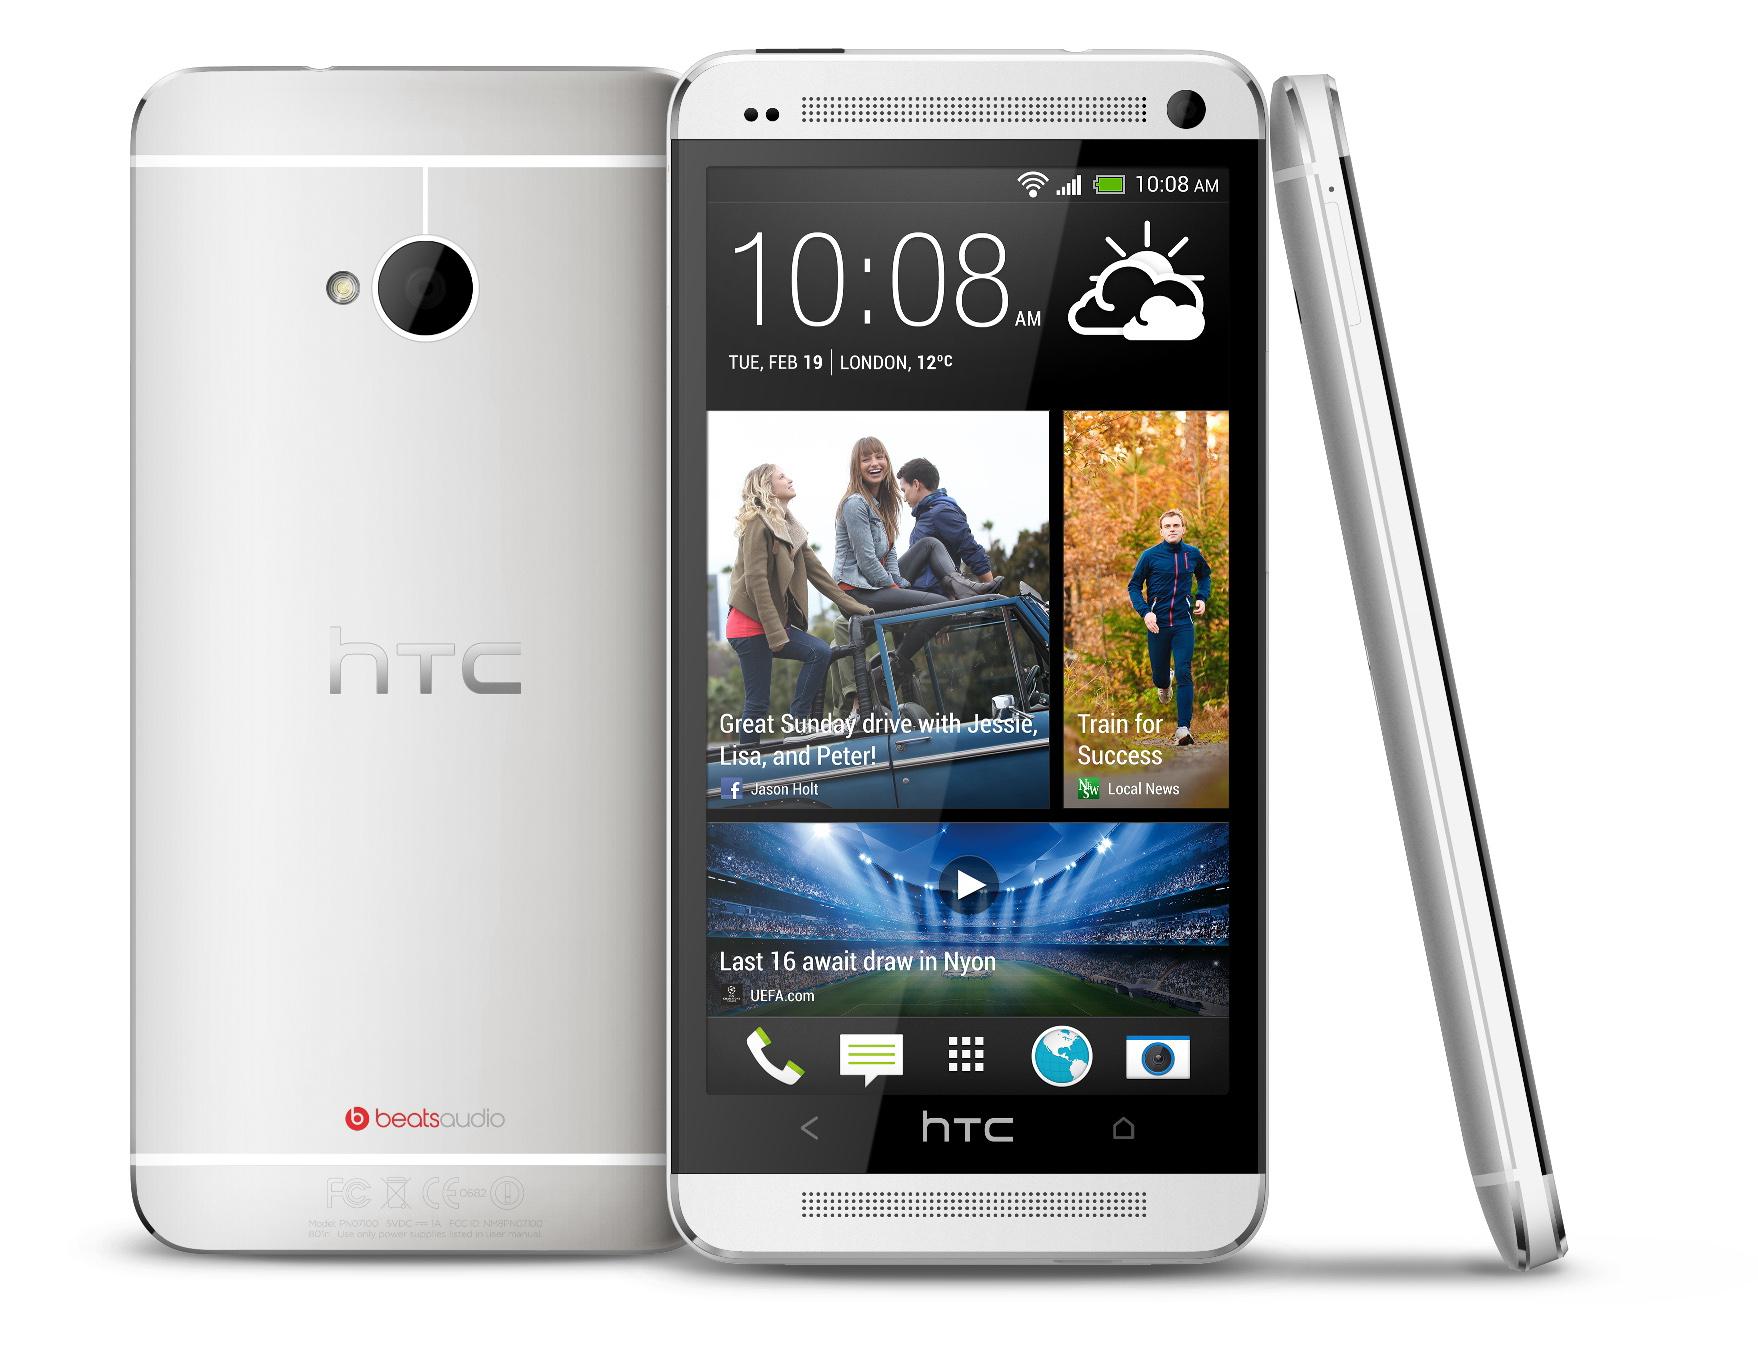 HTC cambiará sus micrófonos en sus HTC One tras la demanda de Nokia